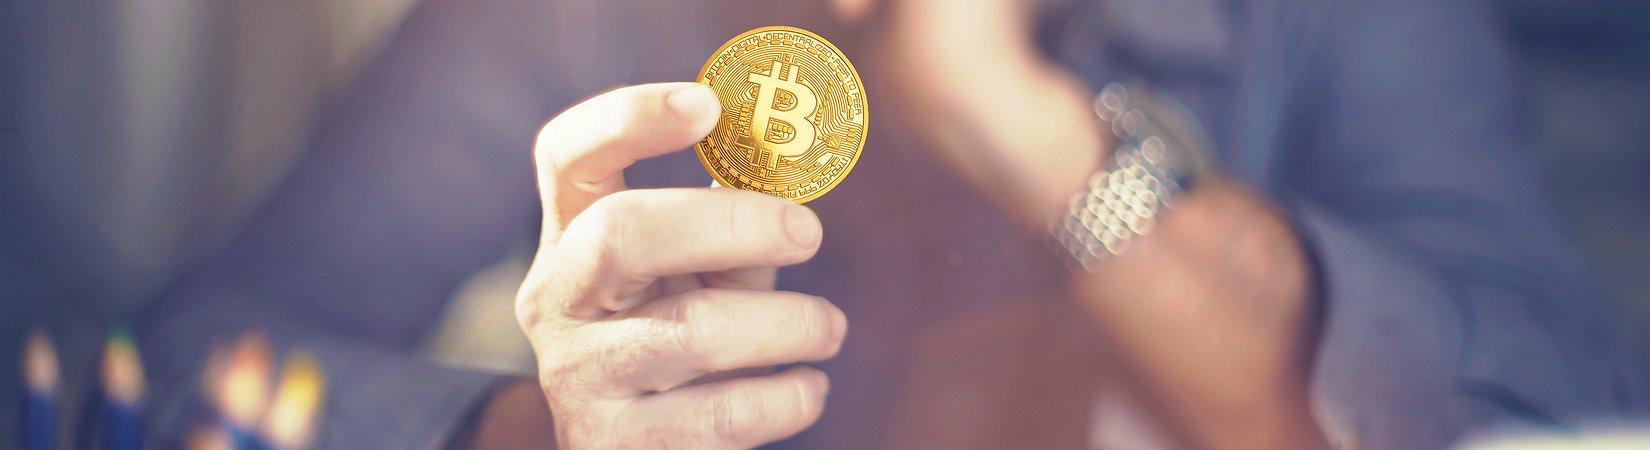 Una società giapponese pagherà i suoi dipendenti in bitcoin